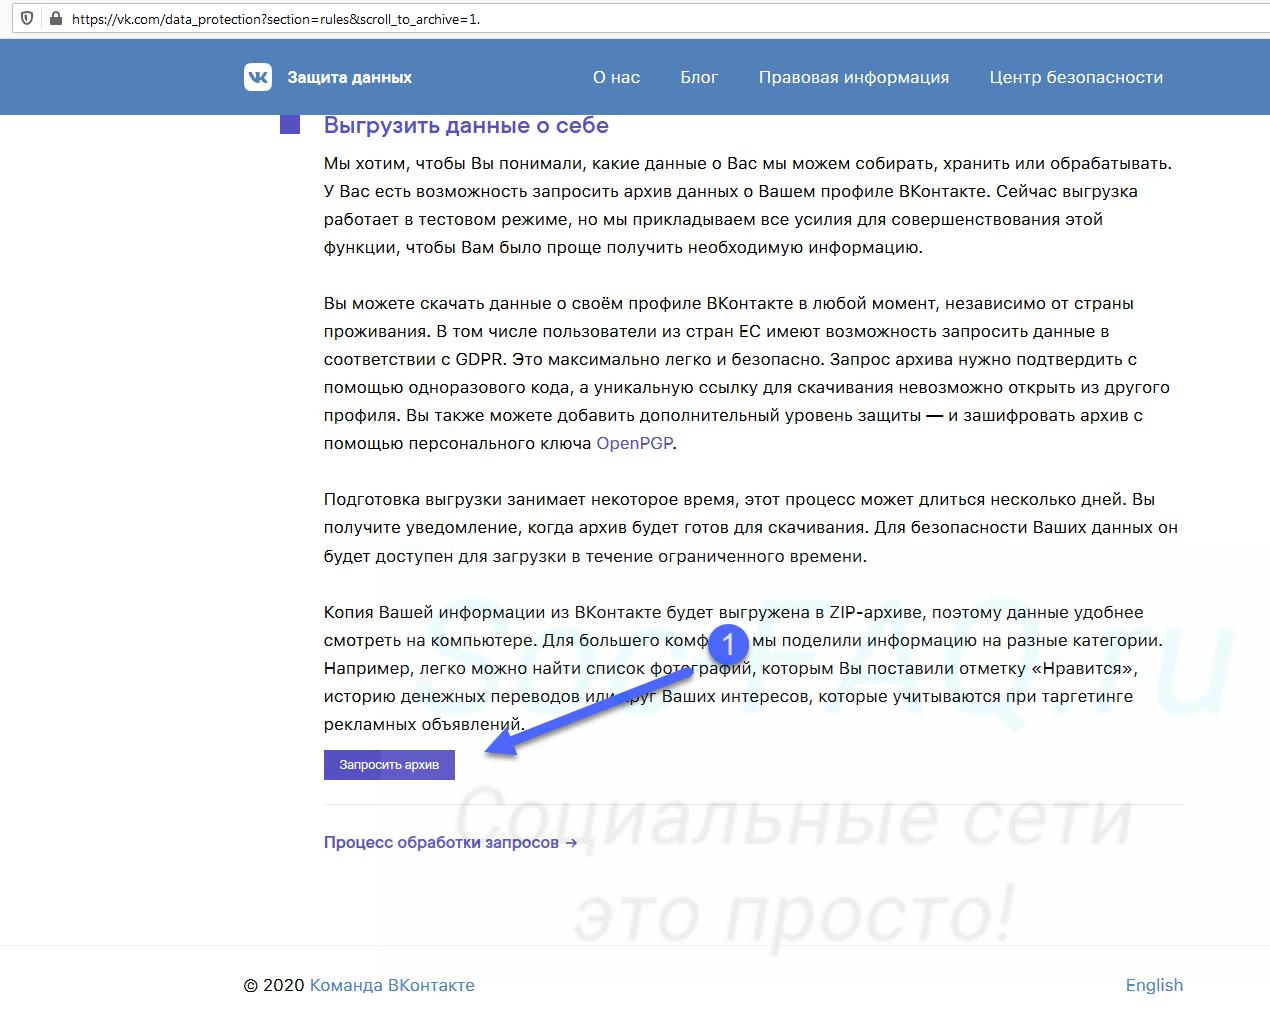 Запрос архива с данными о вашей странице Вконтакте